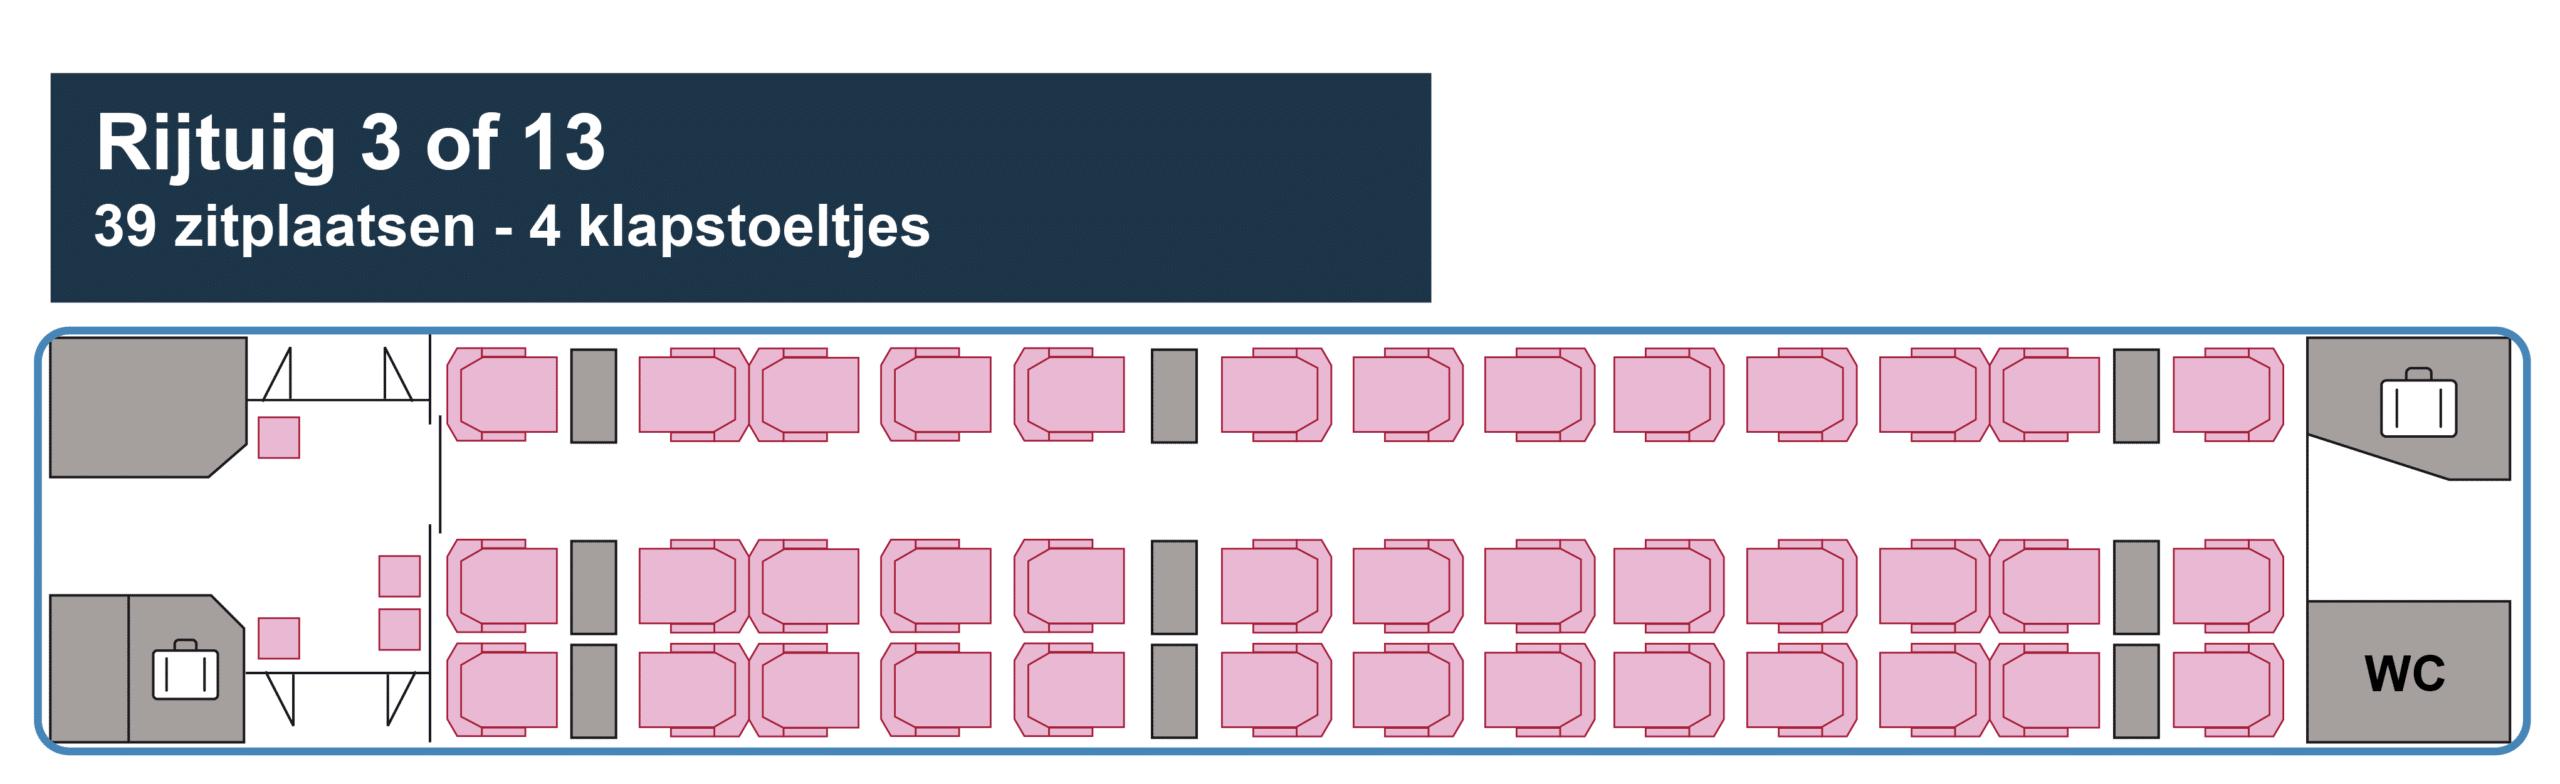 Thalys Eerste Klas rijtuig 3